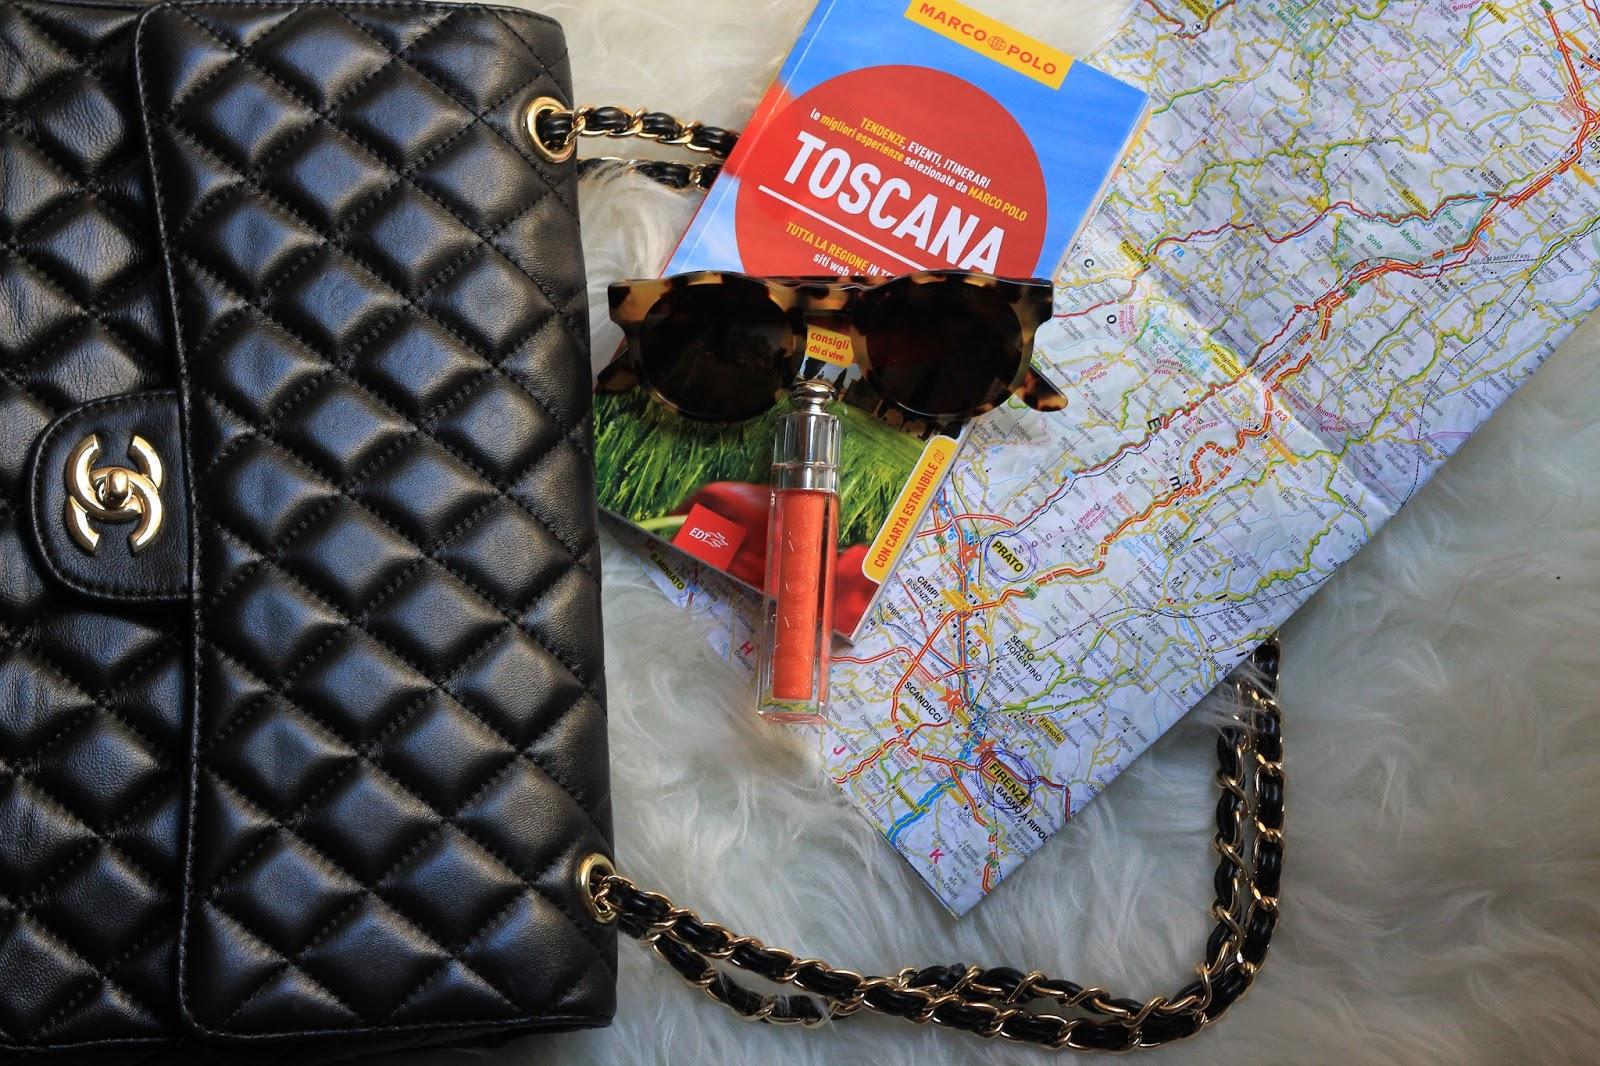 Domenica 15 Settembre sarò a Firenze e Prato STAY TUNED!